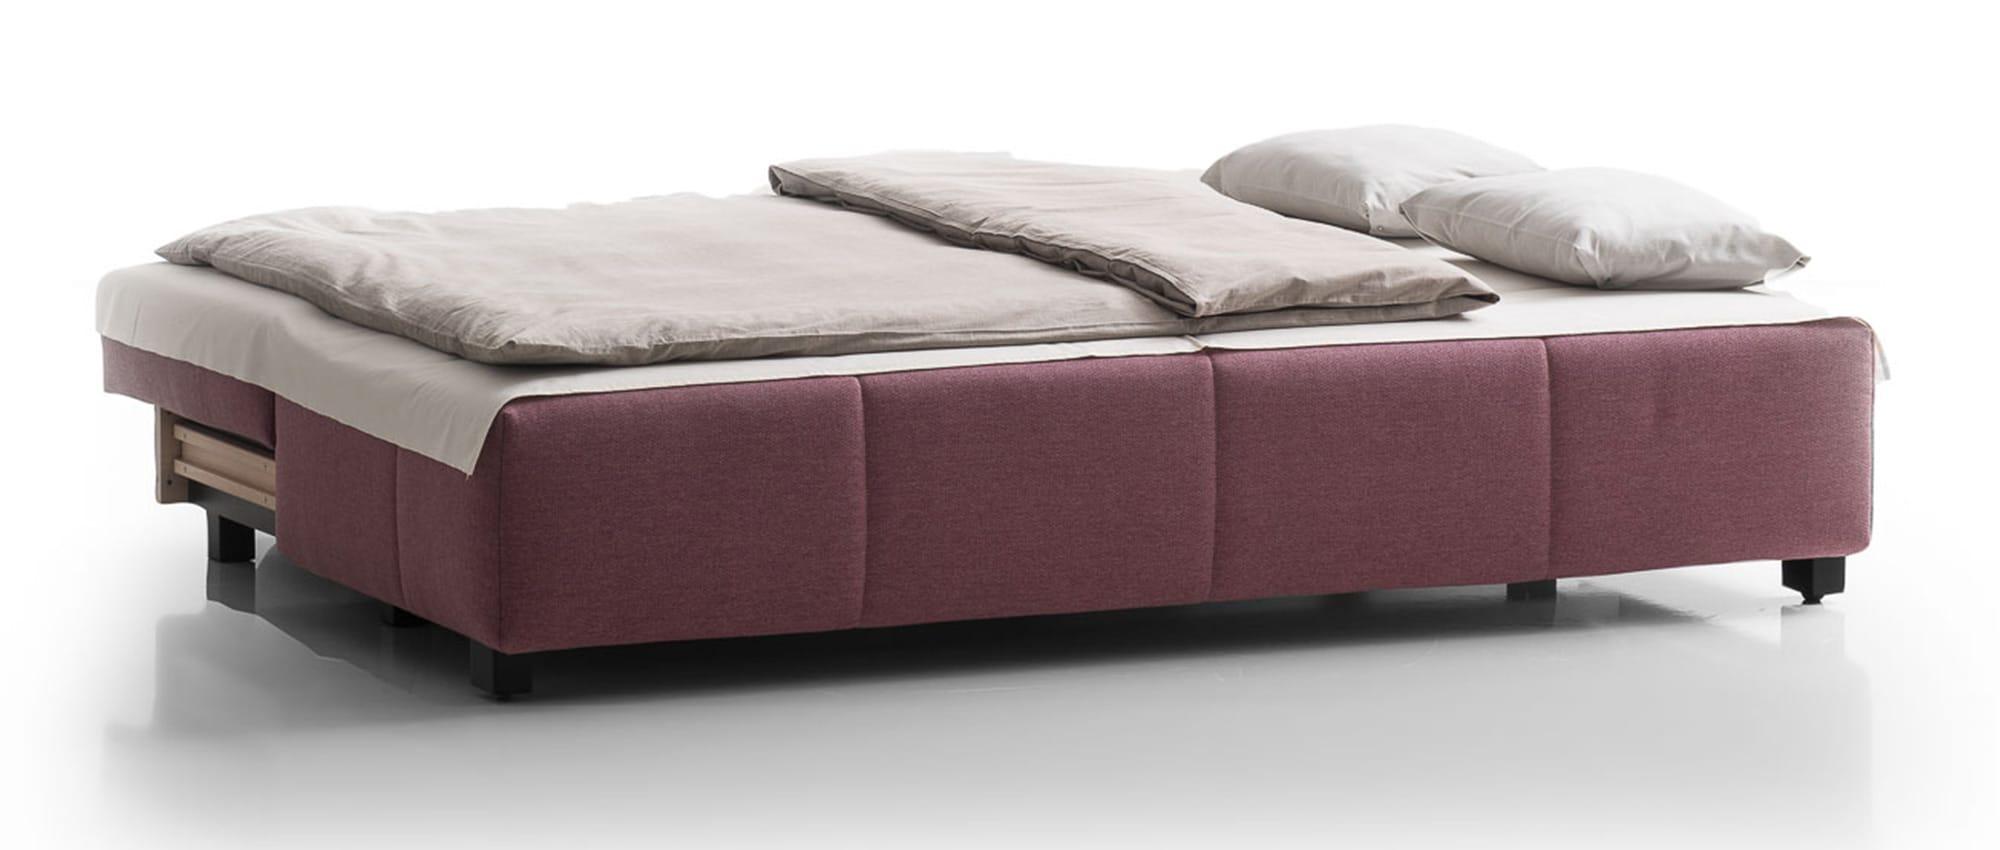 COSTA Schlafsofa mit Bettkasten von Franz Fertig - Liegefläche ca. 155x200 cm. Ideales Gästebett. 2 Personen Schlafsofa.